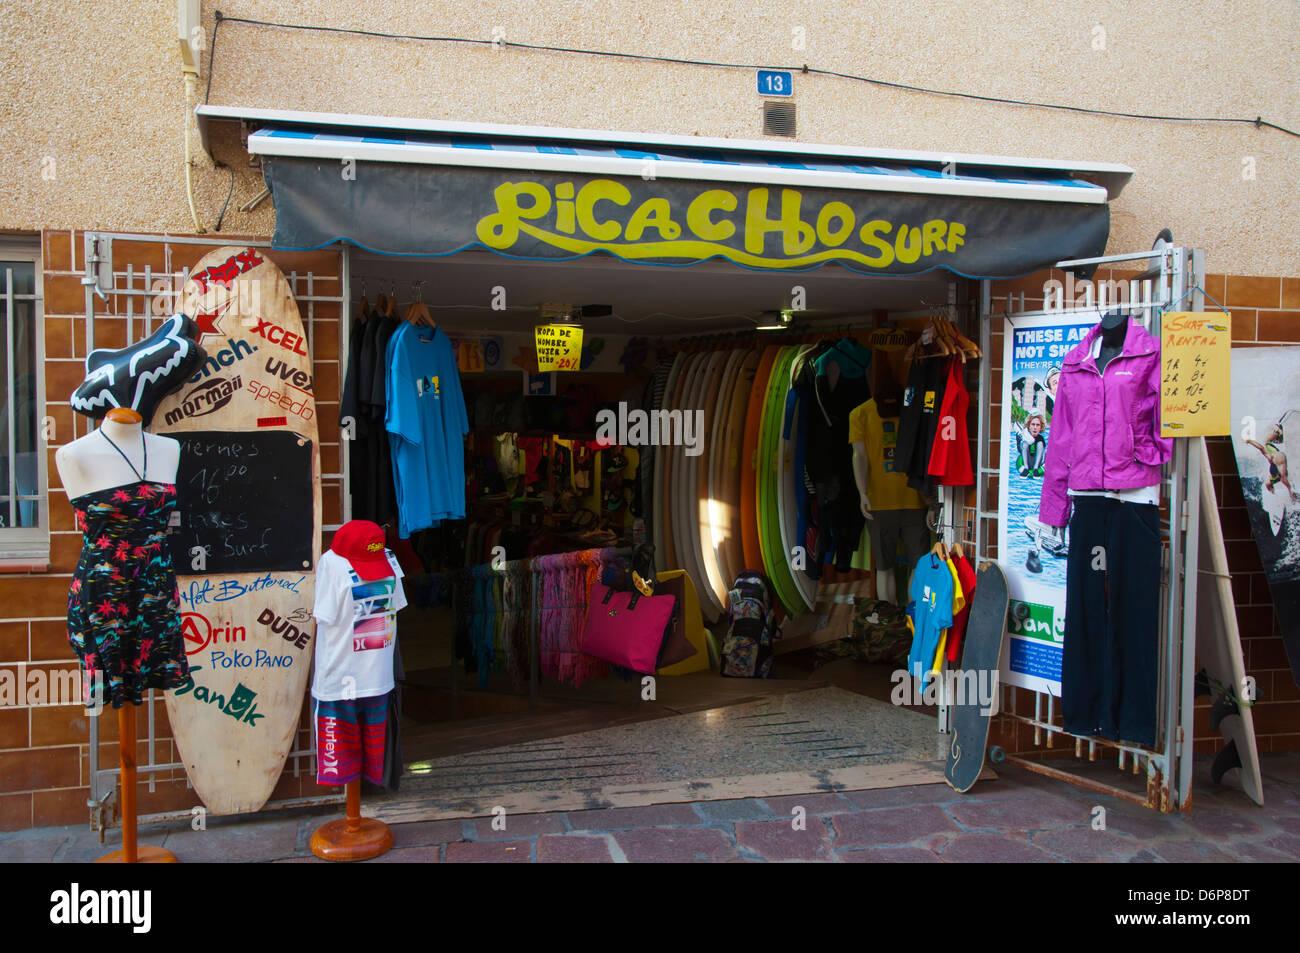 7ee5bcc938499 Ropa y tienda de surf El Medano ciudad isla Tenerife Canarias España Europa